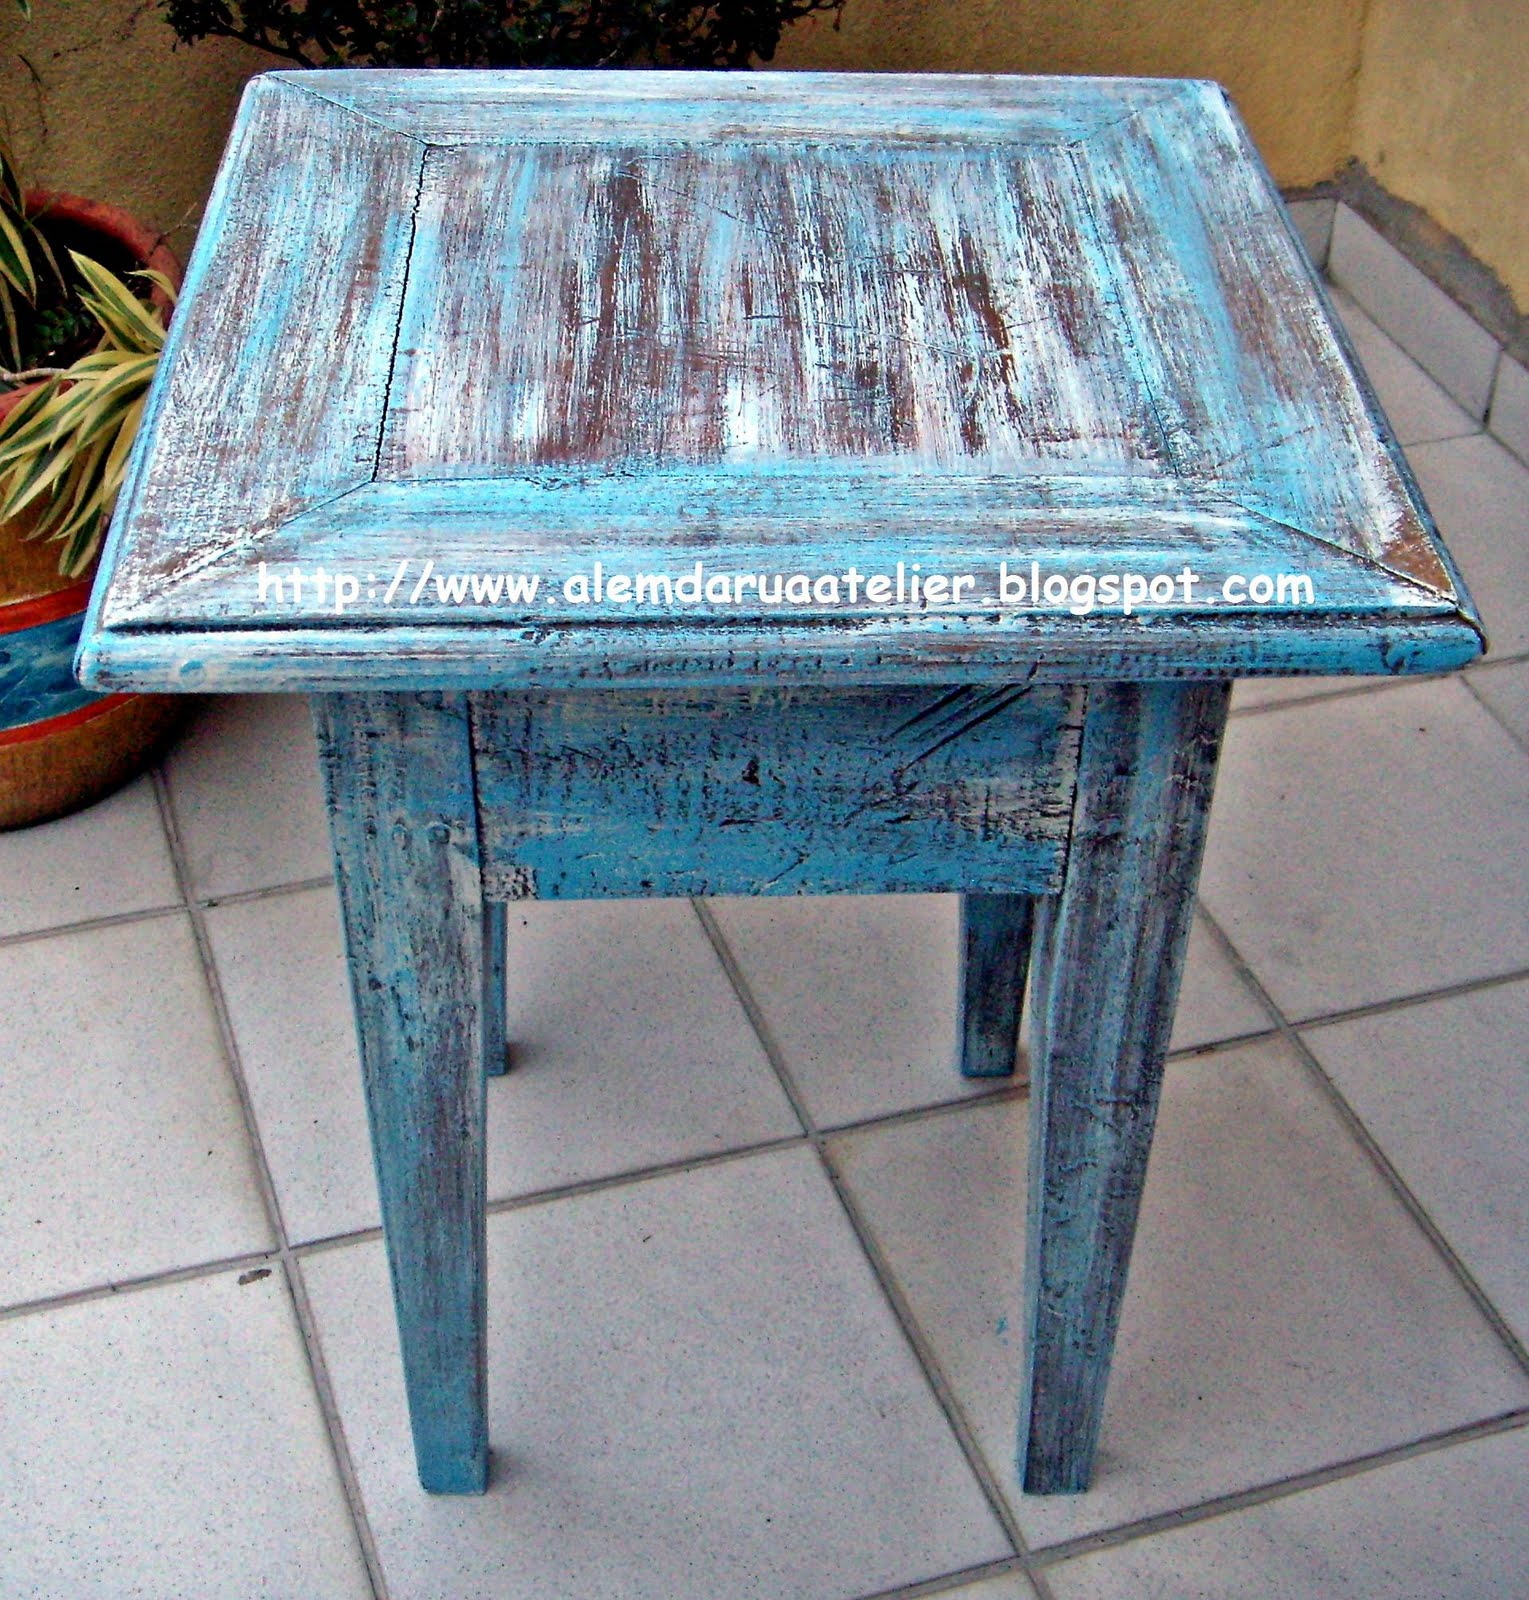 #654127 Idéias para customização de móveis! Tudo lindo e colorido como a  1529x1600 px moveis de madeira com patina @ bernauer.info Móveis Antigos Novos E Usados Online